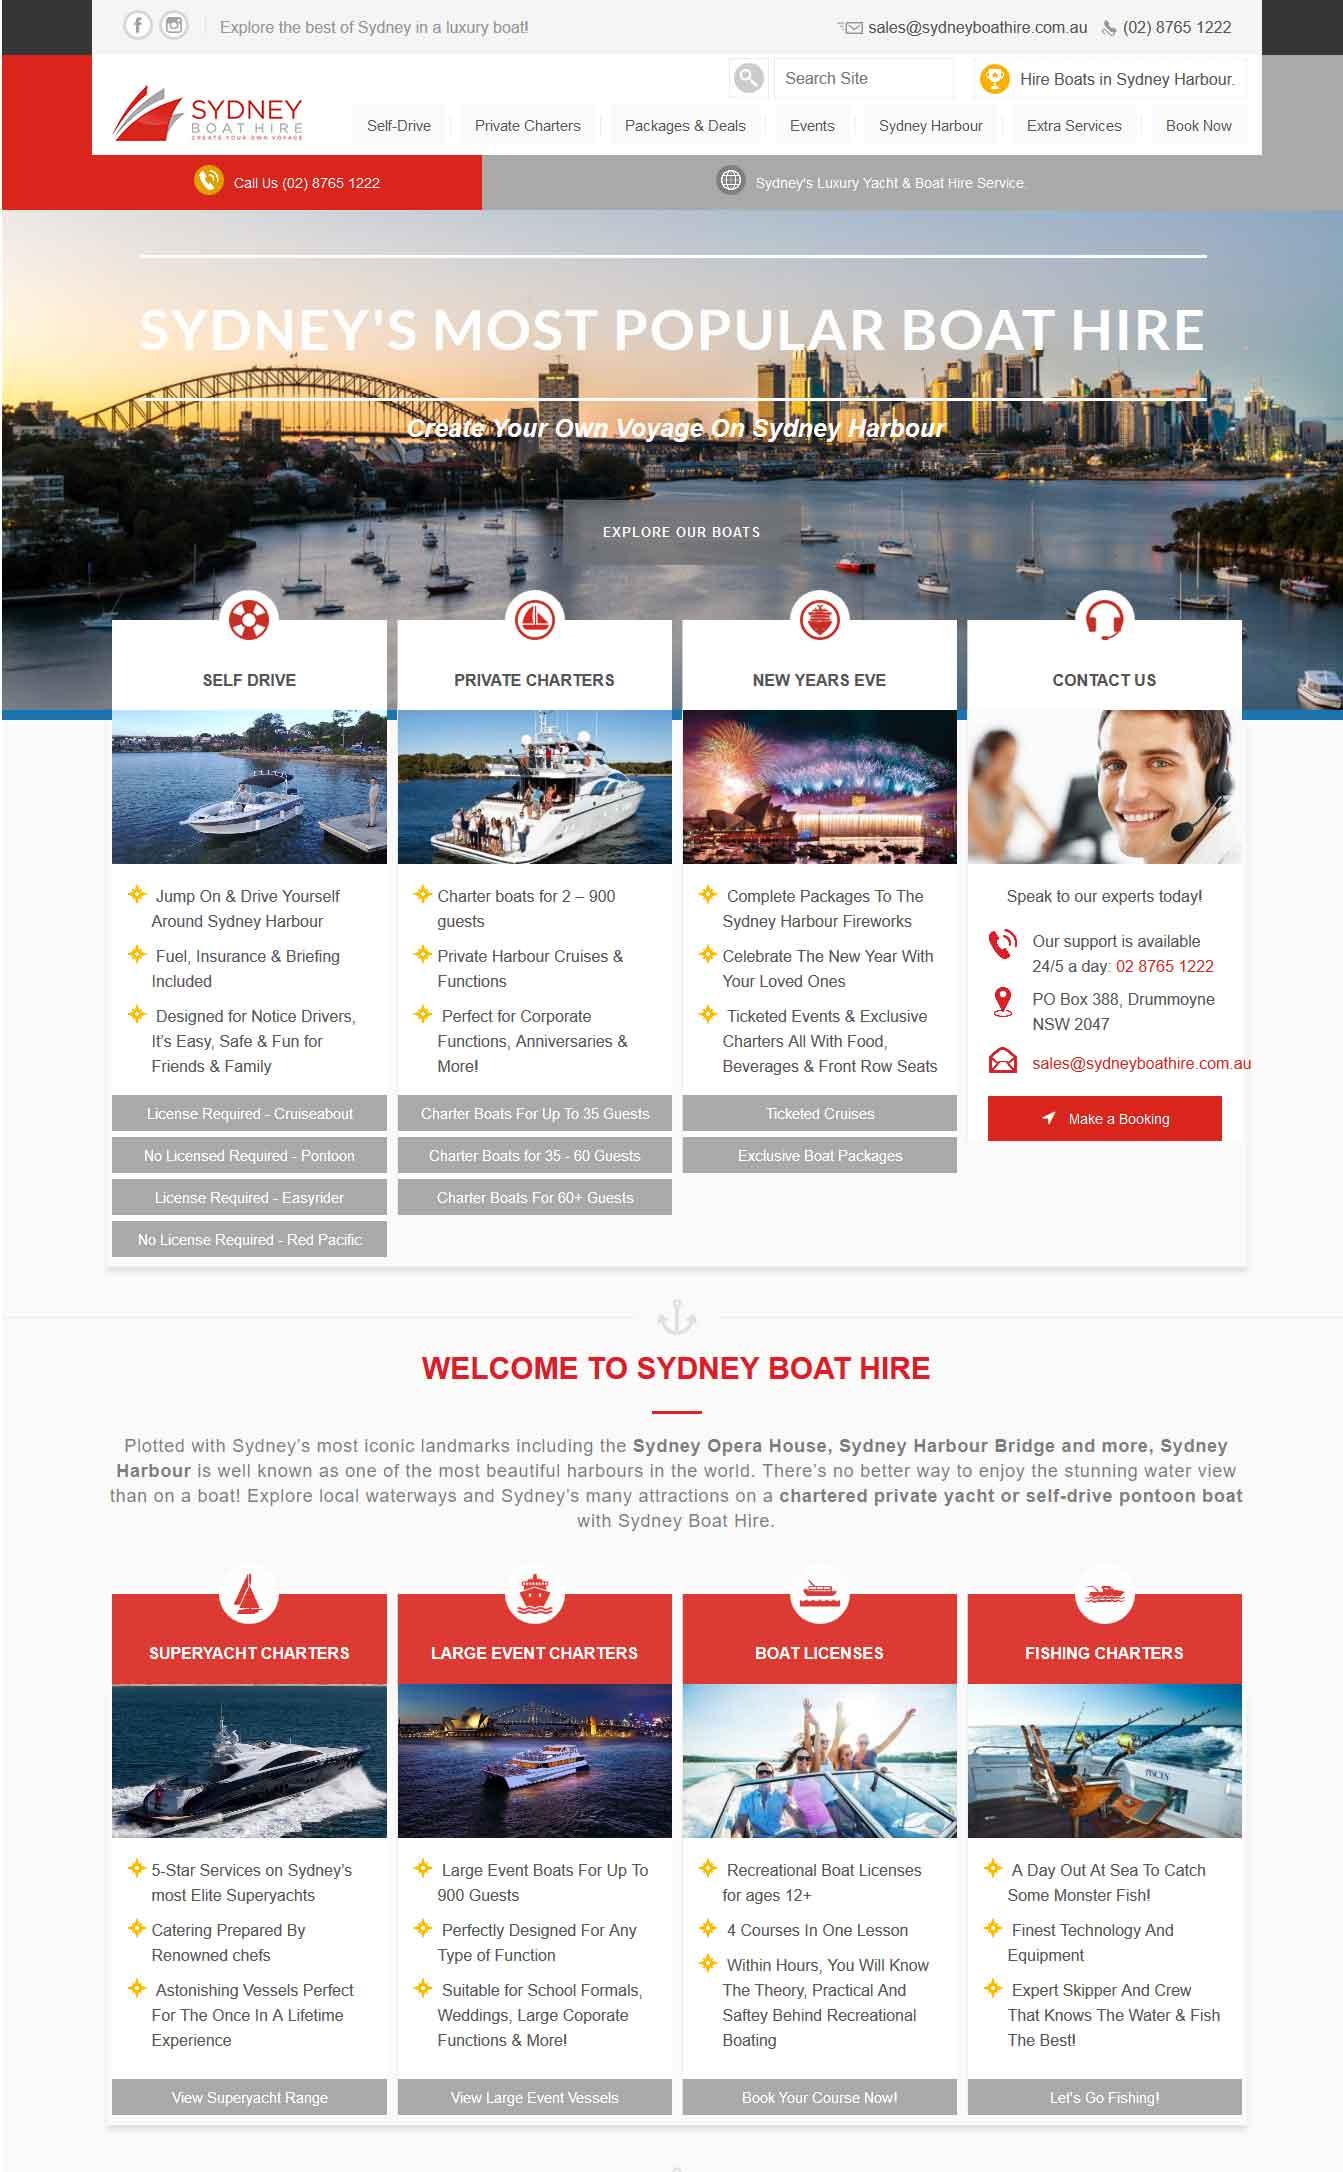 sydneyboathire.com.au